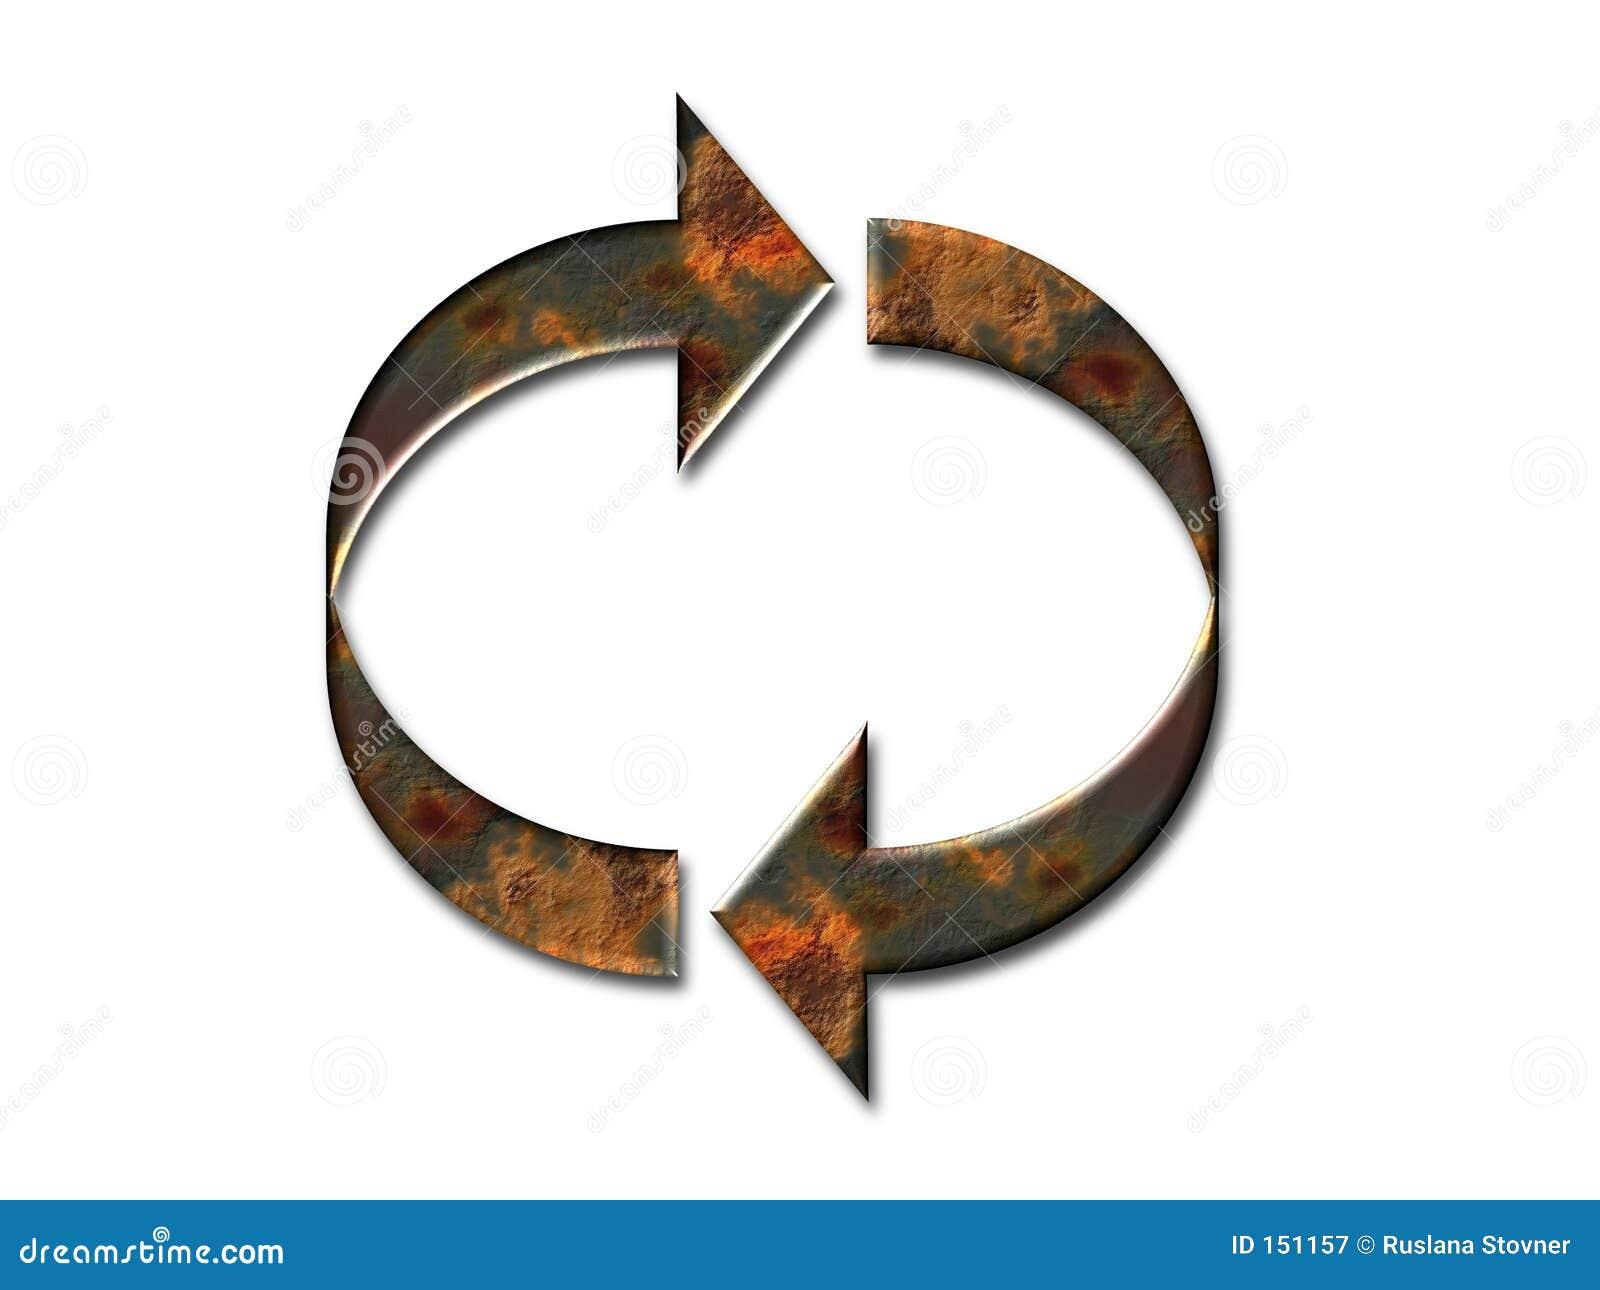 Rusty arrows